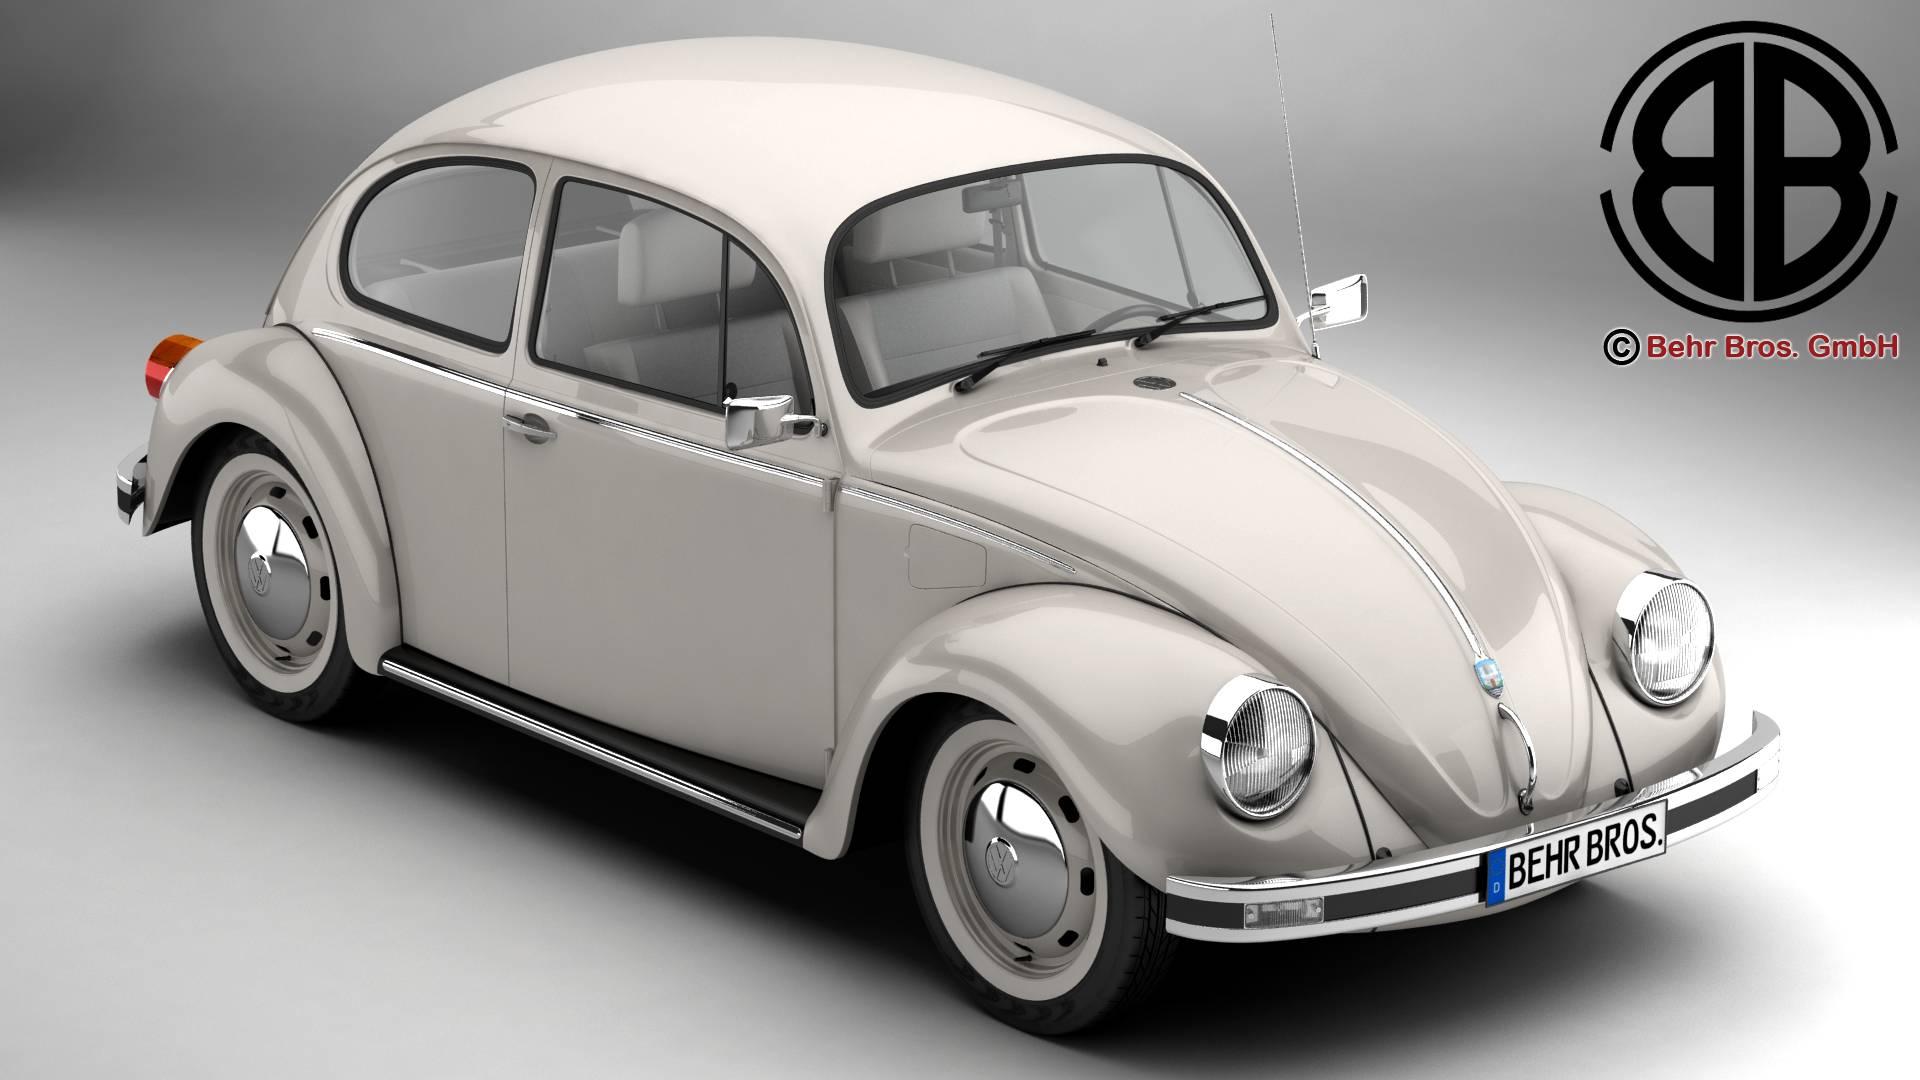 volkswagen beetle 2003 ultima edicion 3d model 3ds max fbx c4d lwo ma mb obj 220877